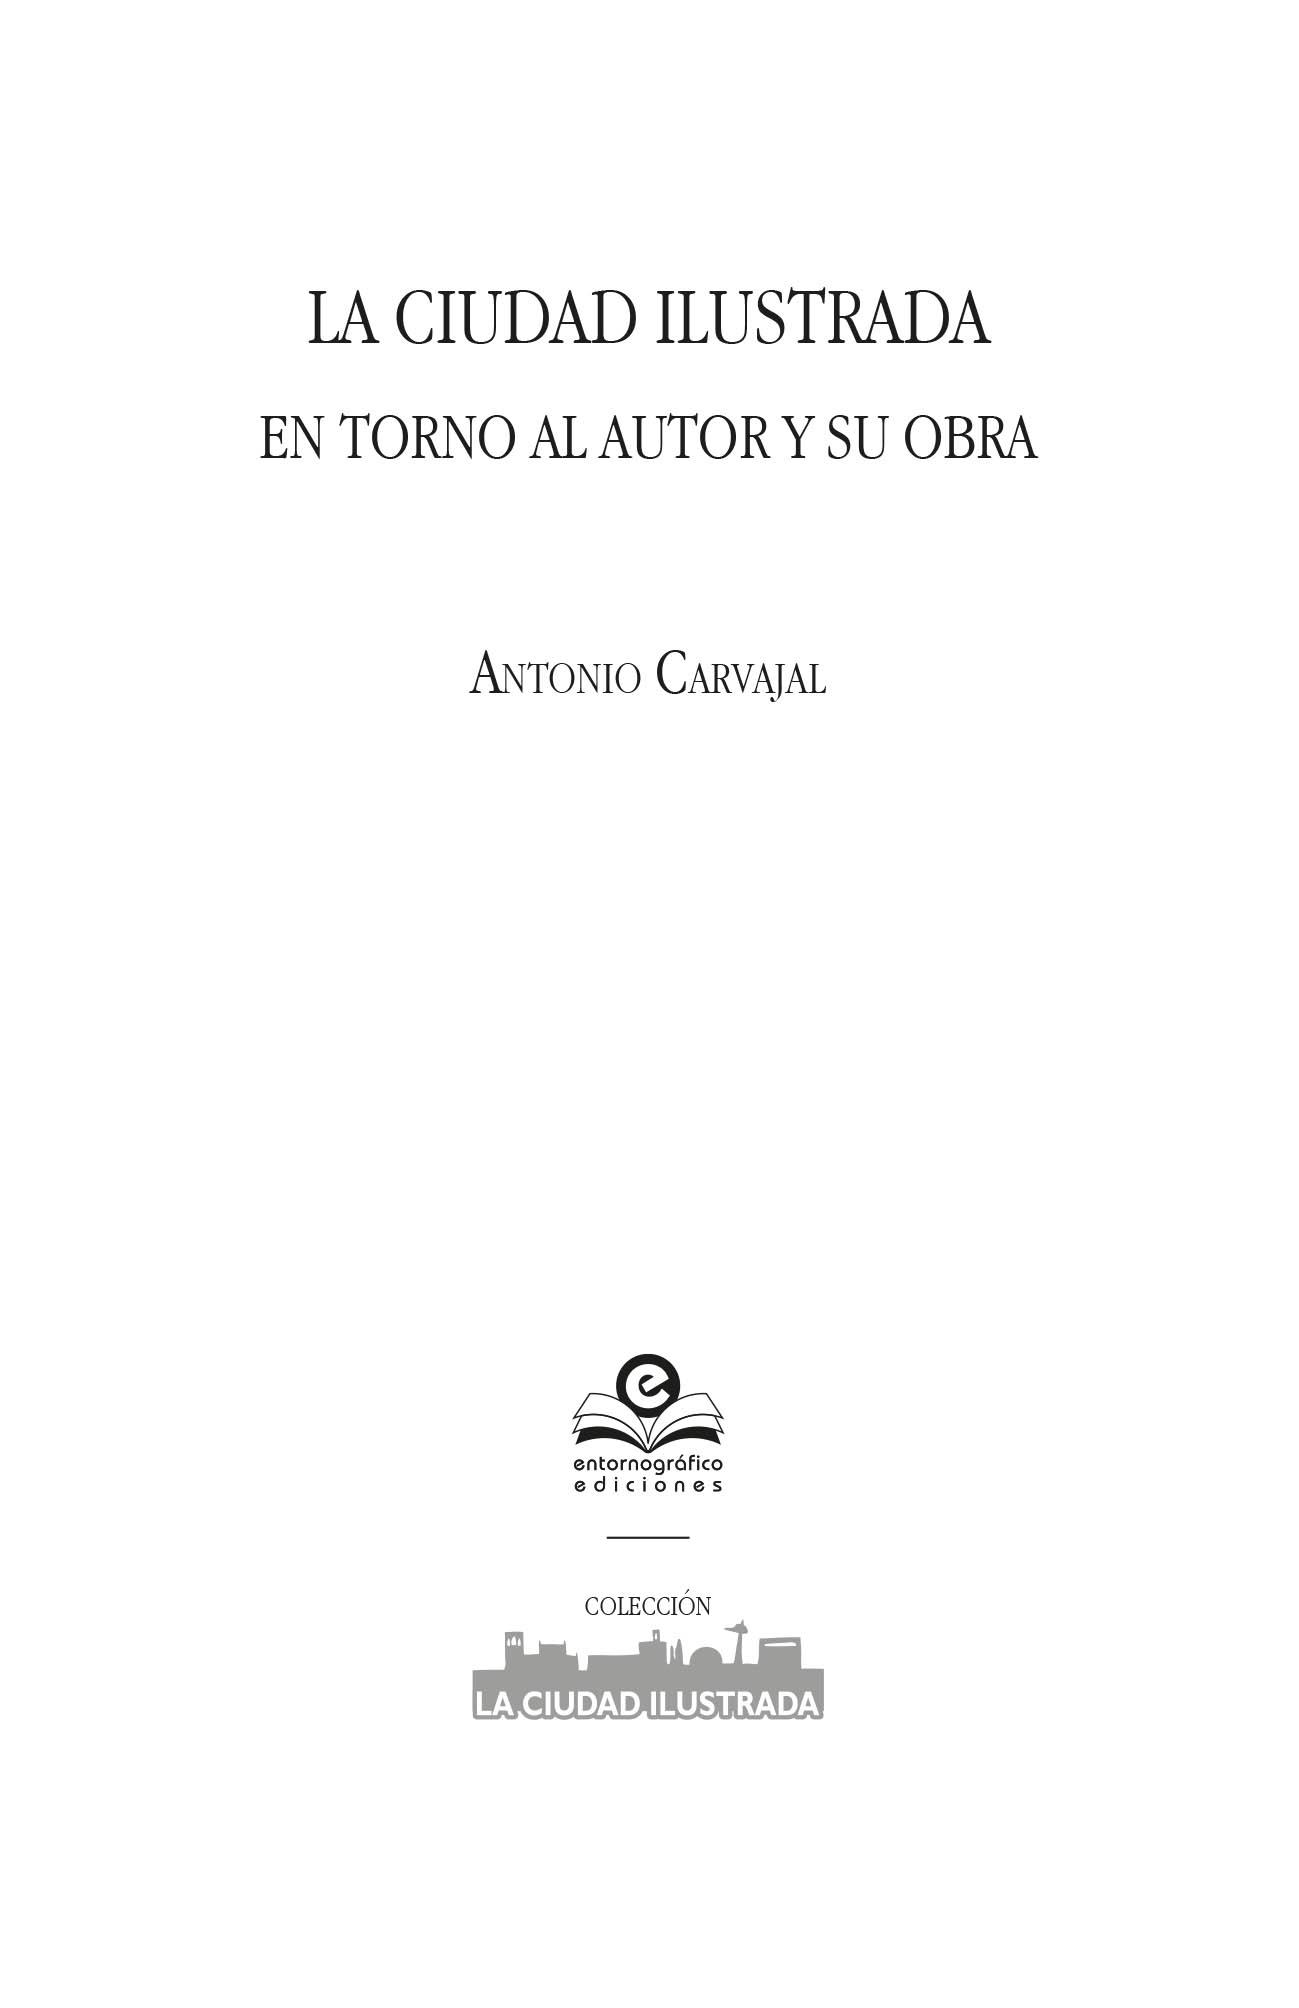 Colección La ciudad Ilustrada